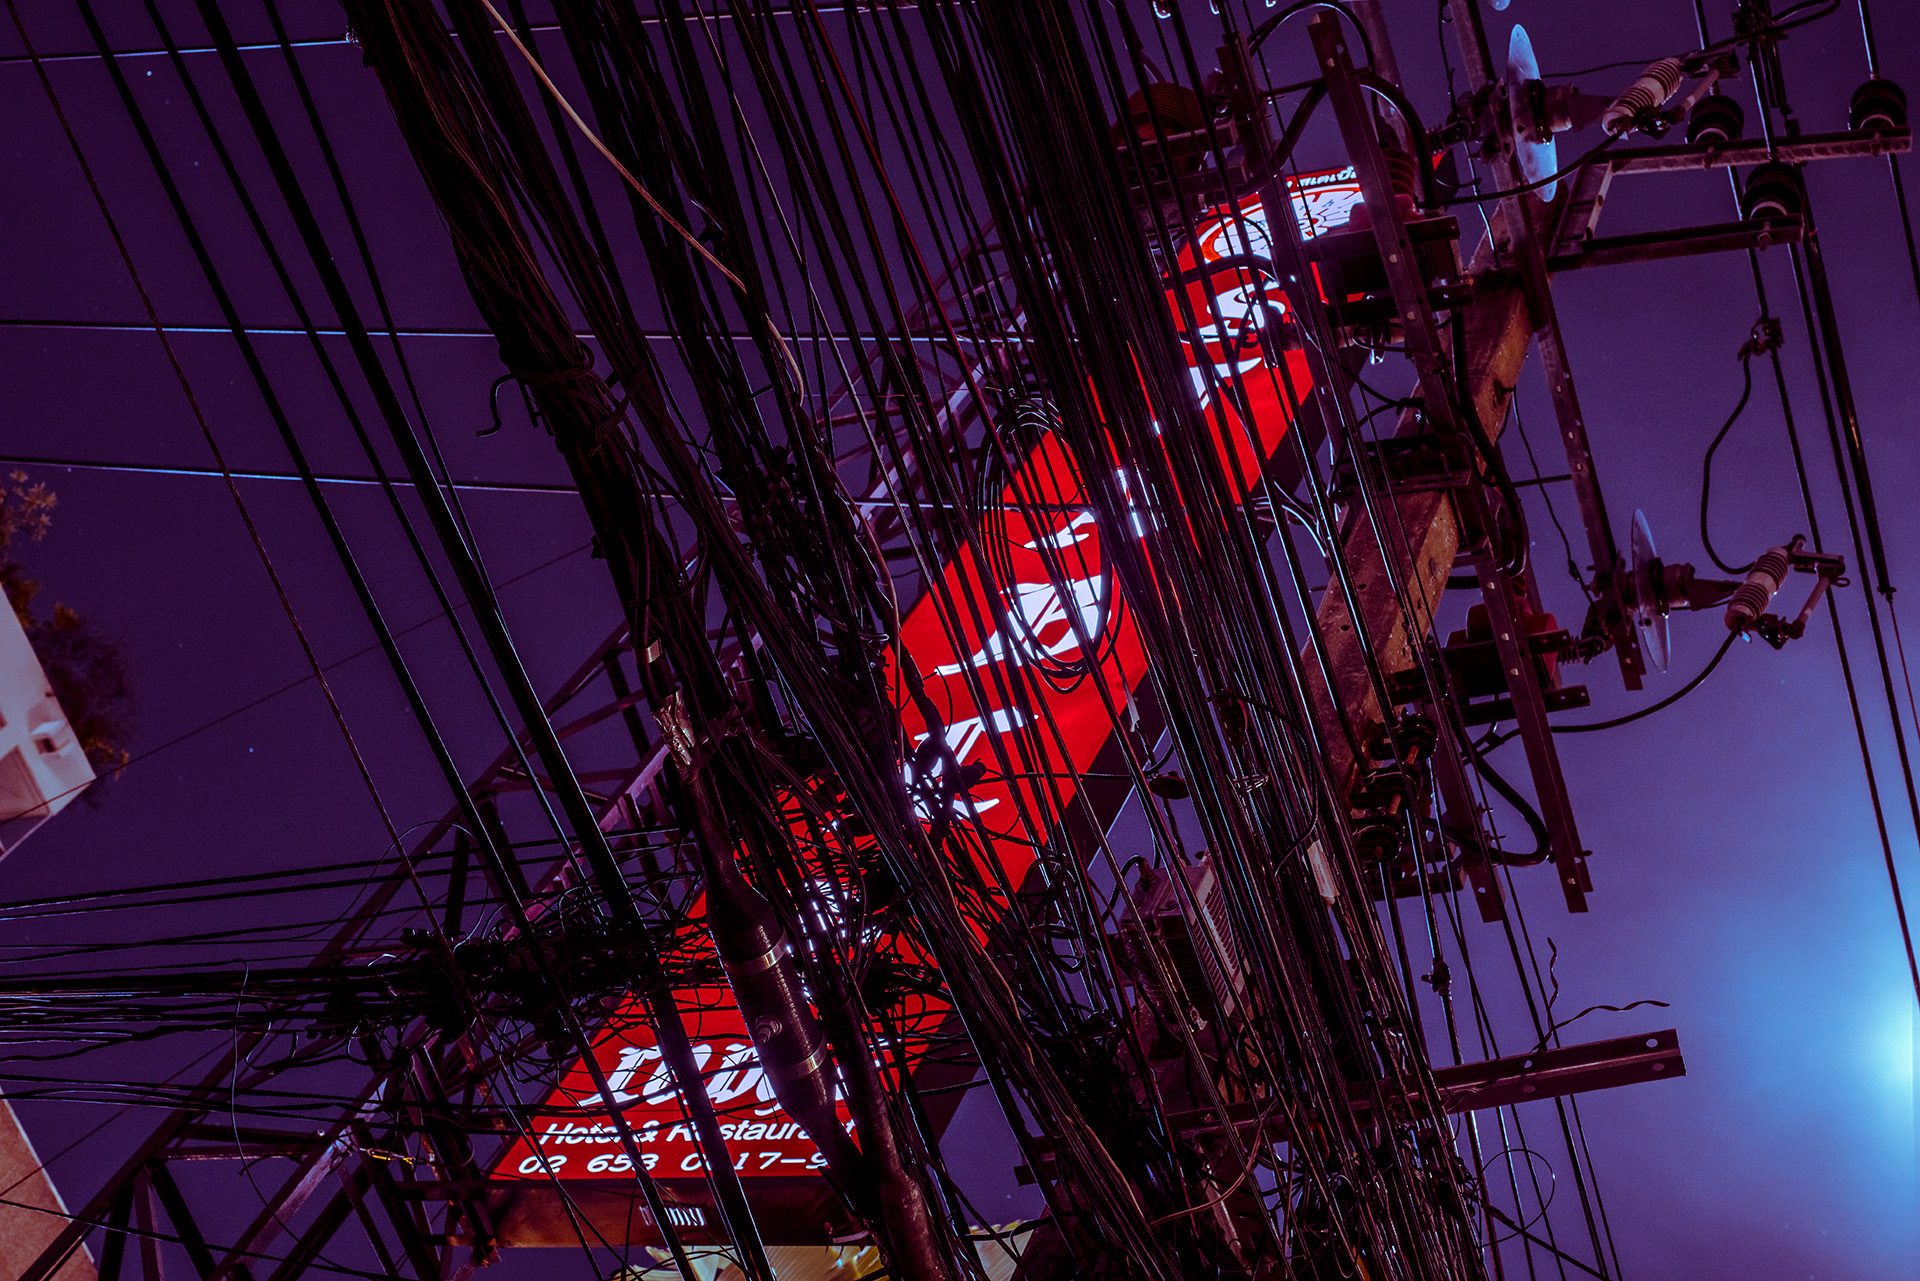 bangkok-phosphors-3.jpg